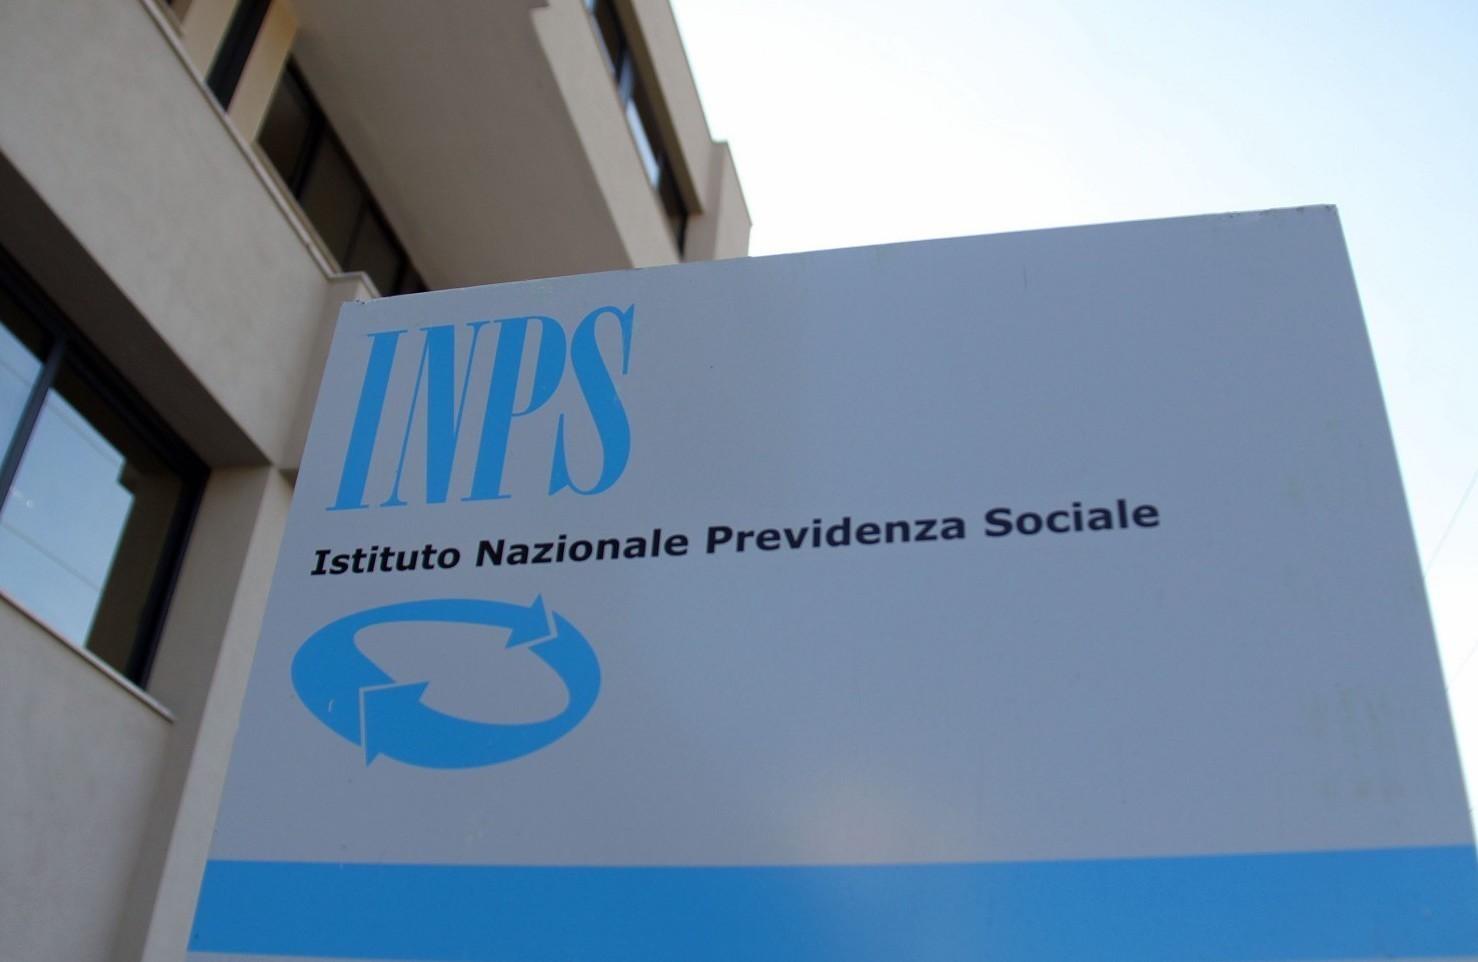 Contributi volontari pensione INPS, i costi per il 2020 con leggi in vigore